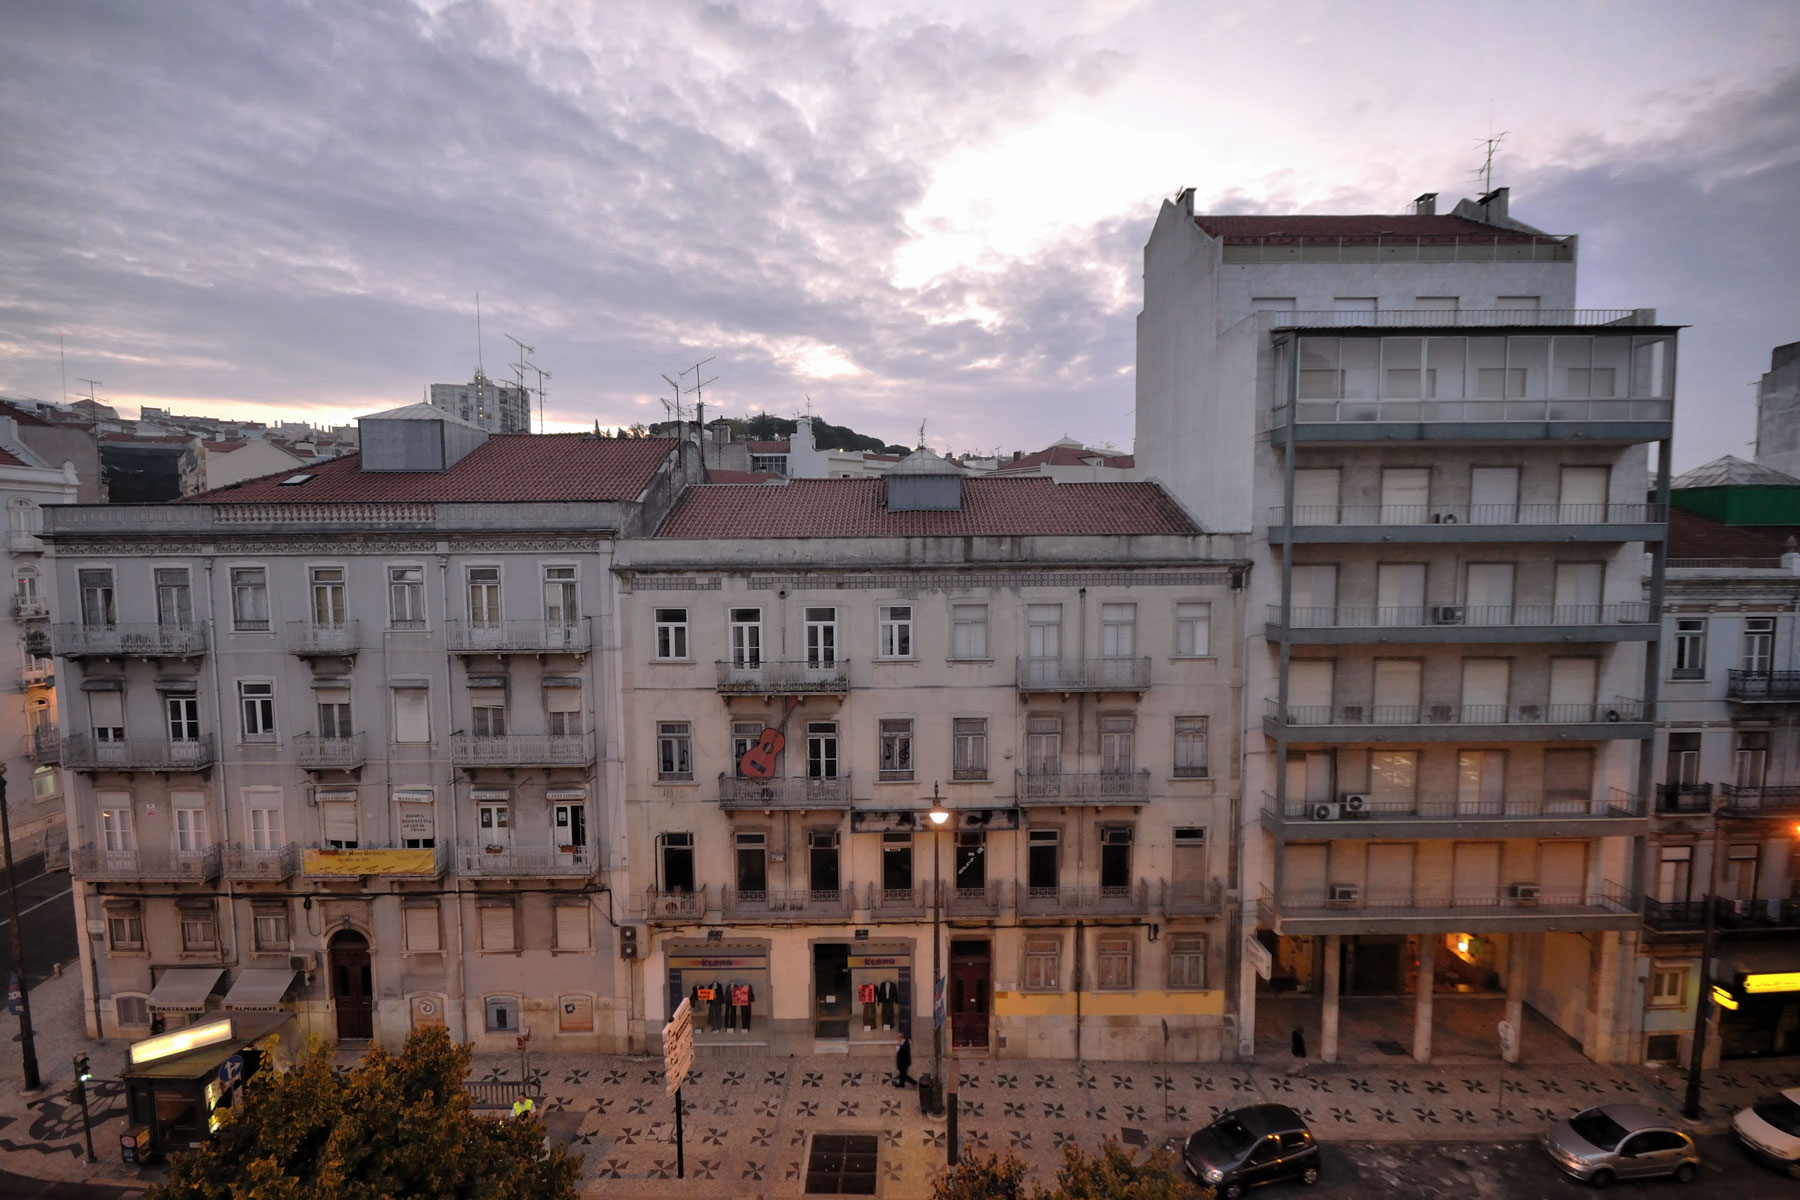 リスボン「ホテルセテコリナーシュ」の客室から、アルミランテレイシュ通を挟んだ向かい側の建物 撮影:NIKON D90, SIGMA 10-20mm